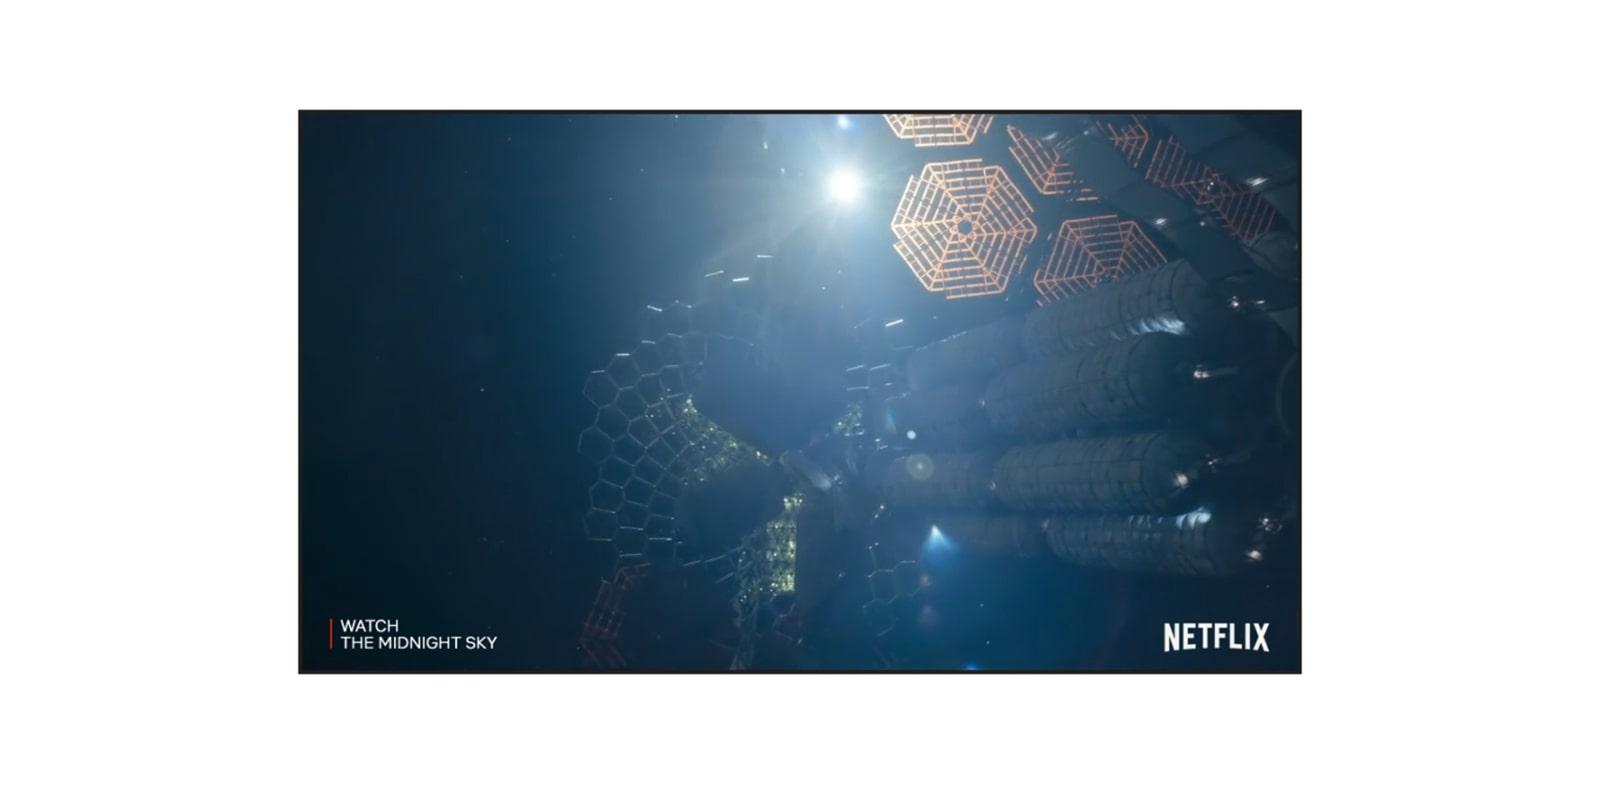 Een tv-scherm met een trailer van The Midnight Sky on Netflix (speel de video af).